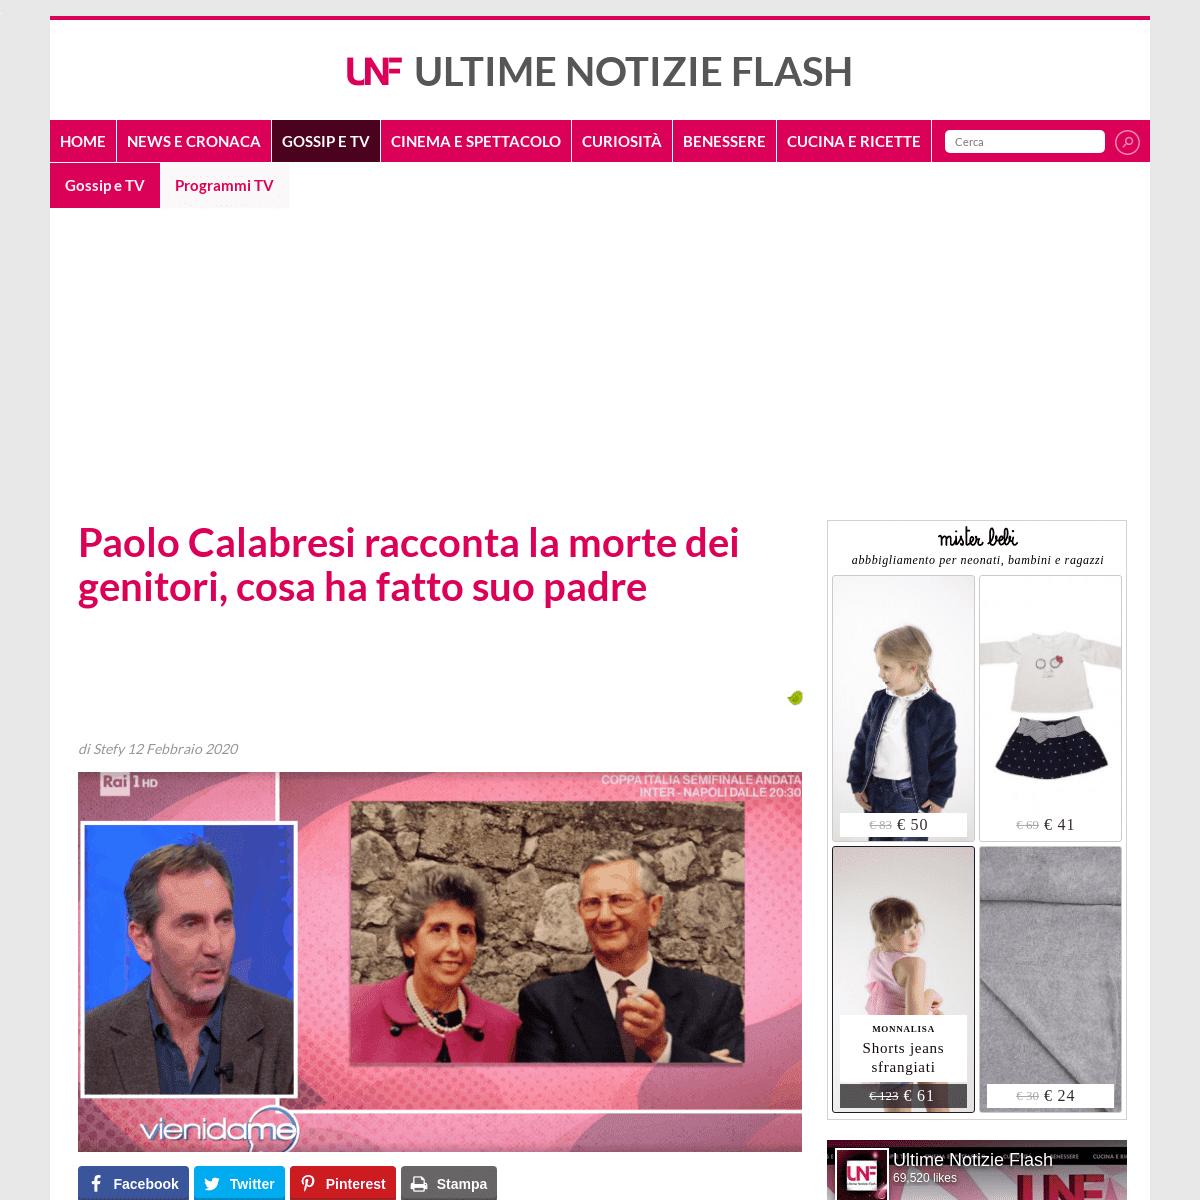 ArchiveBay.com - www.ultimenotizieflash.com/gossip-tv/programmi-tv/2020/02/12/paolo-calabresi-racconta-la-morte-dei-genitori-cosa-ha-fatto-suo-padre - Paolo Calabresi racconta la morte dei genitori, cosa ha fatto suo padre - Ultime Notizie Flash